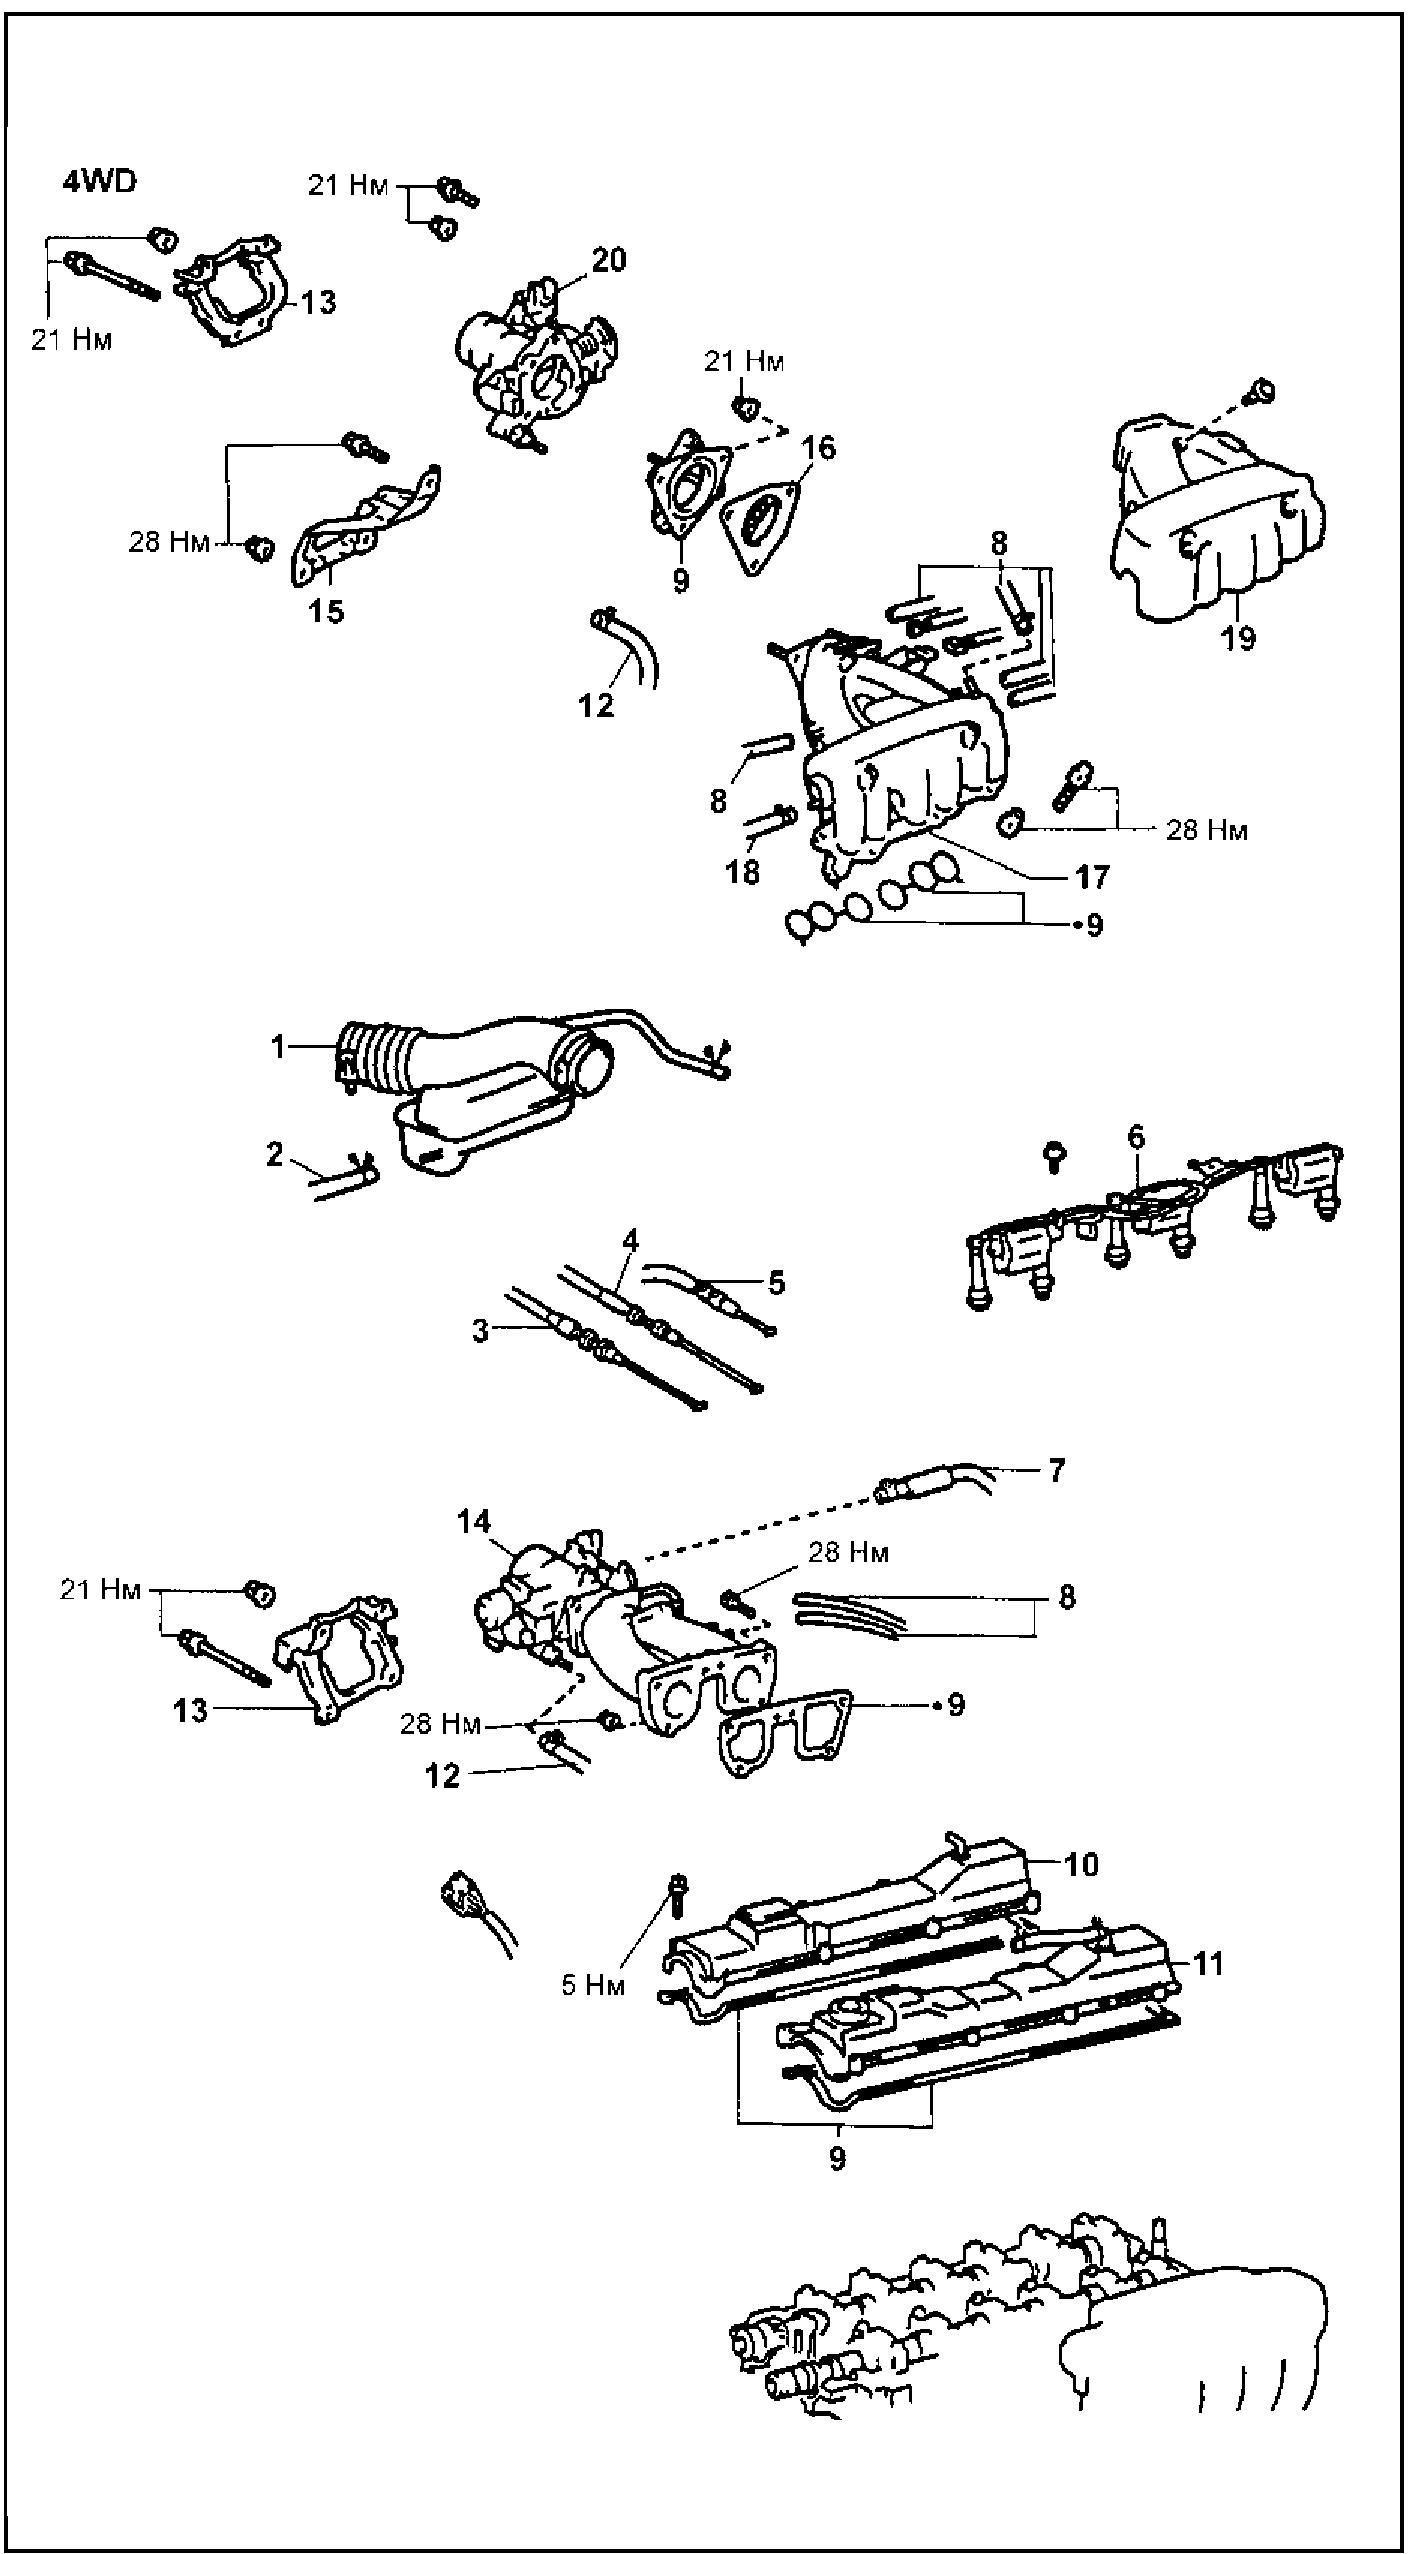 Крышка головки блока цилиндров 1JZ-GE, 2JZ-GE